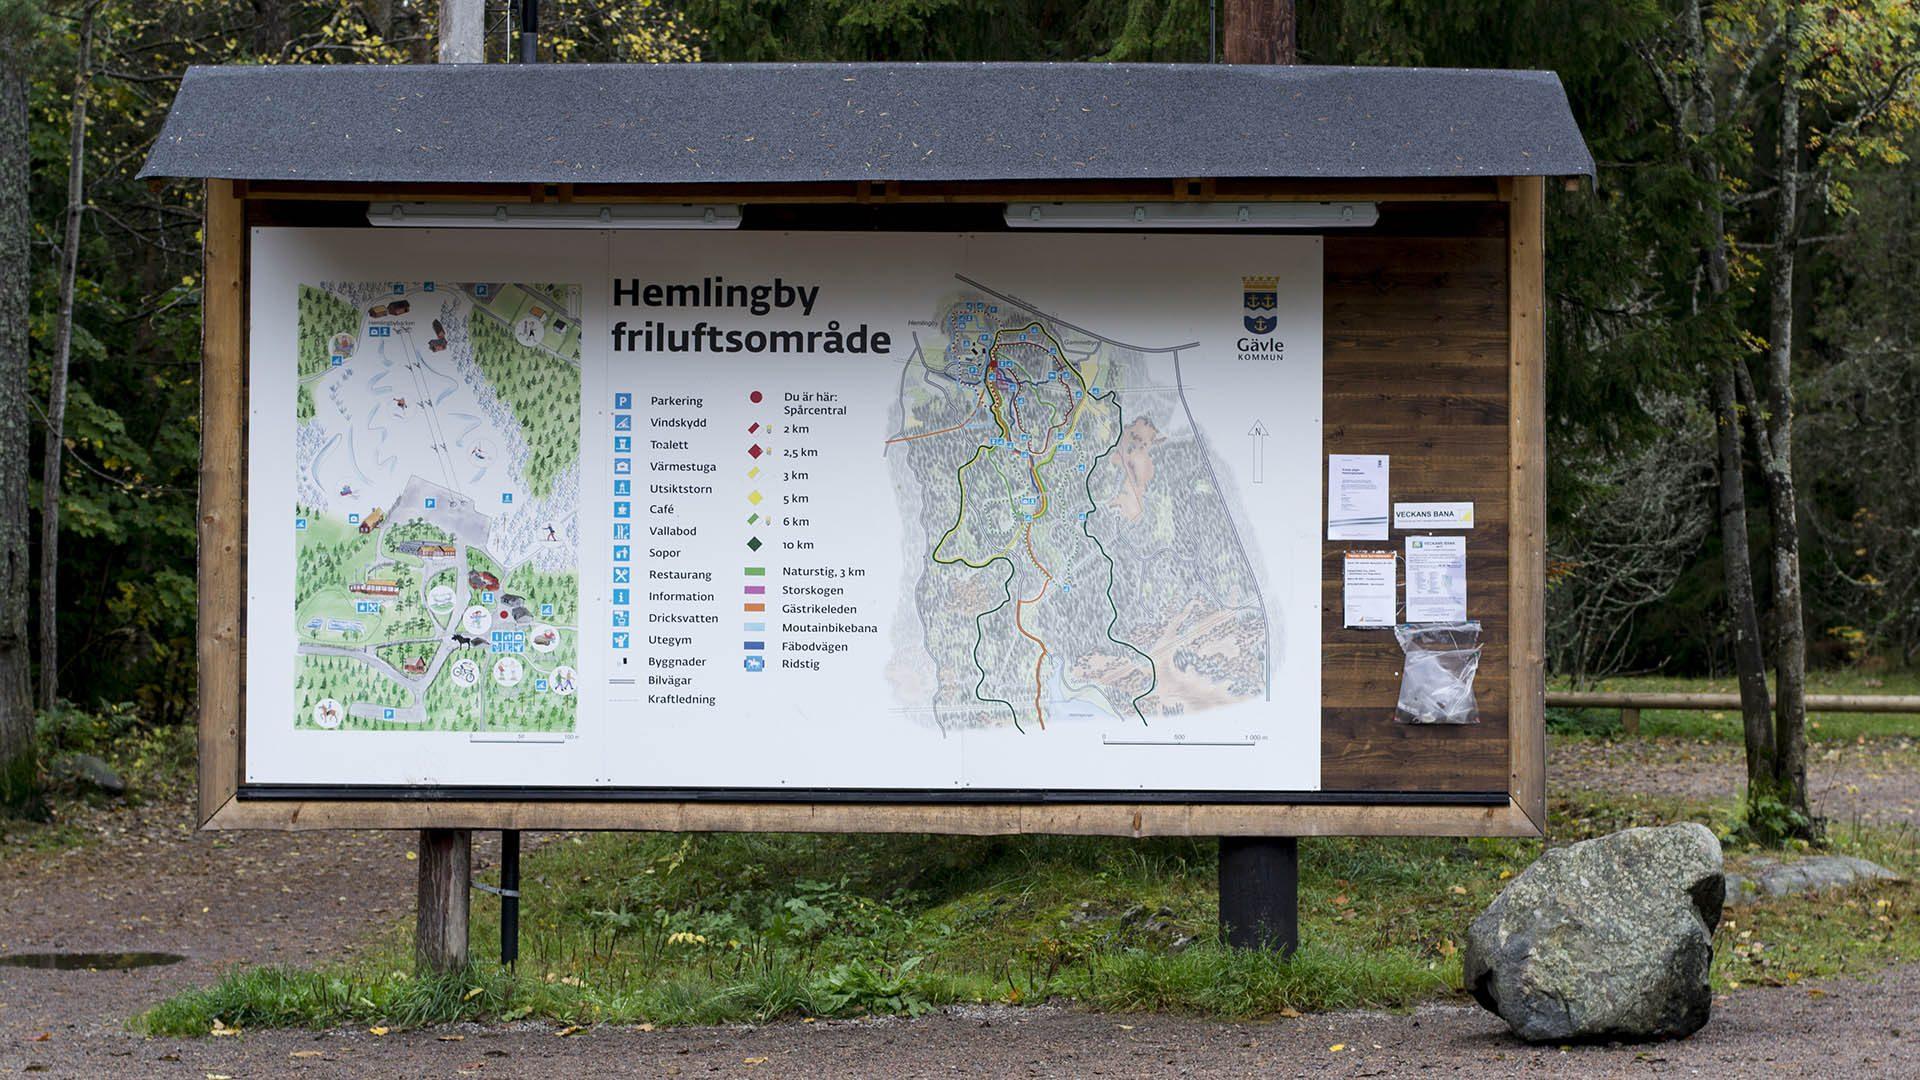 Skylt över spåren i Hemlingby frilufsområde